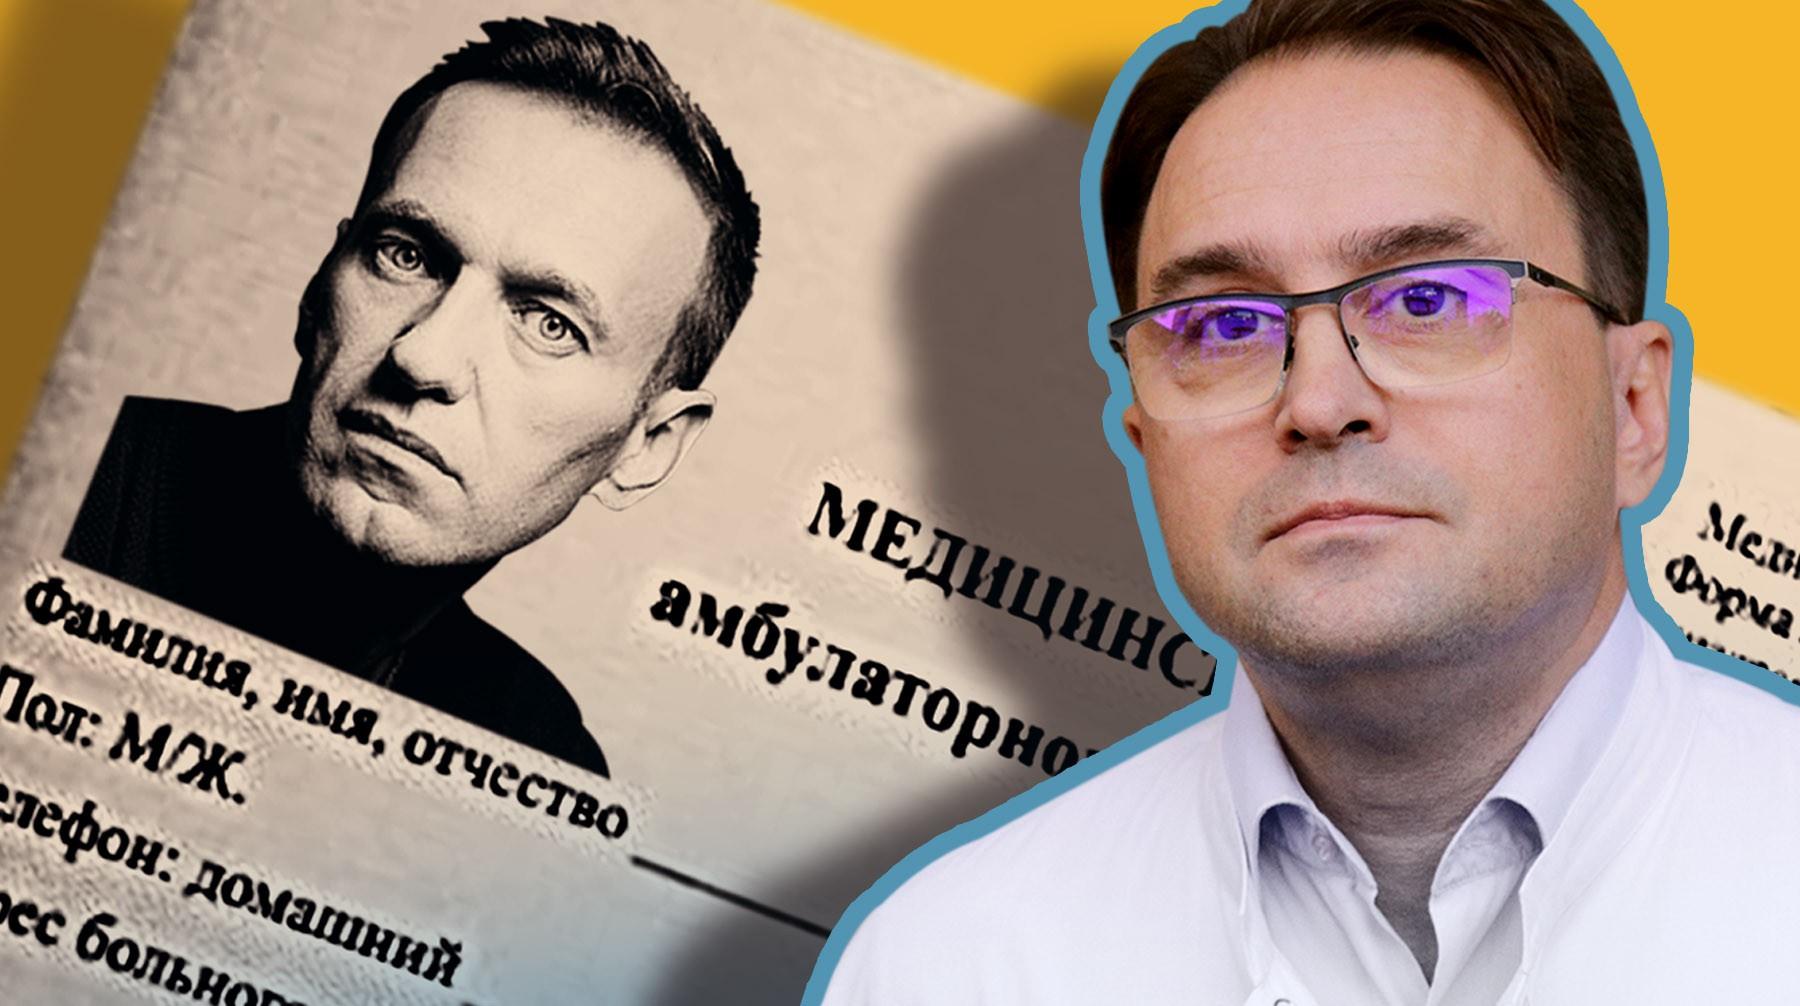 Главный токсиколог Омской области назвал чепухой заявления о подделке медкарты Навального